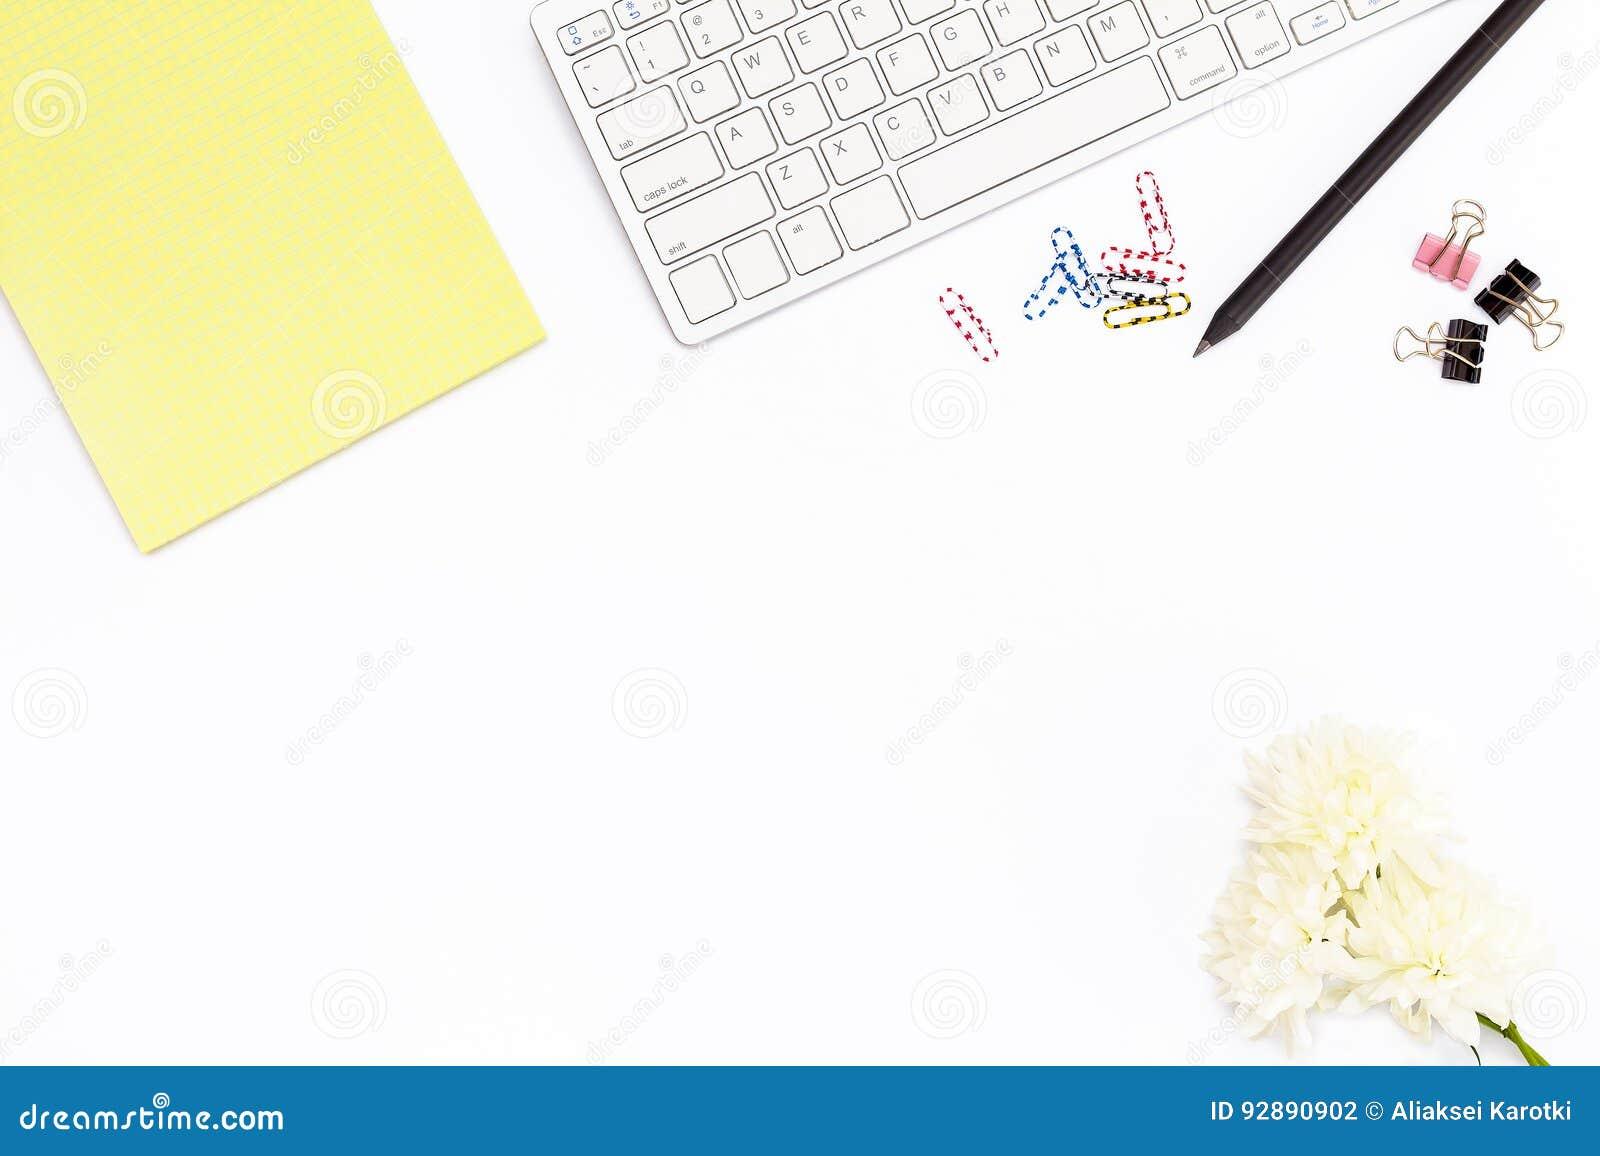 Klawiatura, żółty Notepad, chryzantema kwiat, klamerki dla papierów, papierowe klamerki i czarny ołówek na białym tle, Minimalny